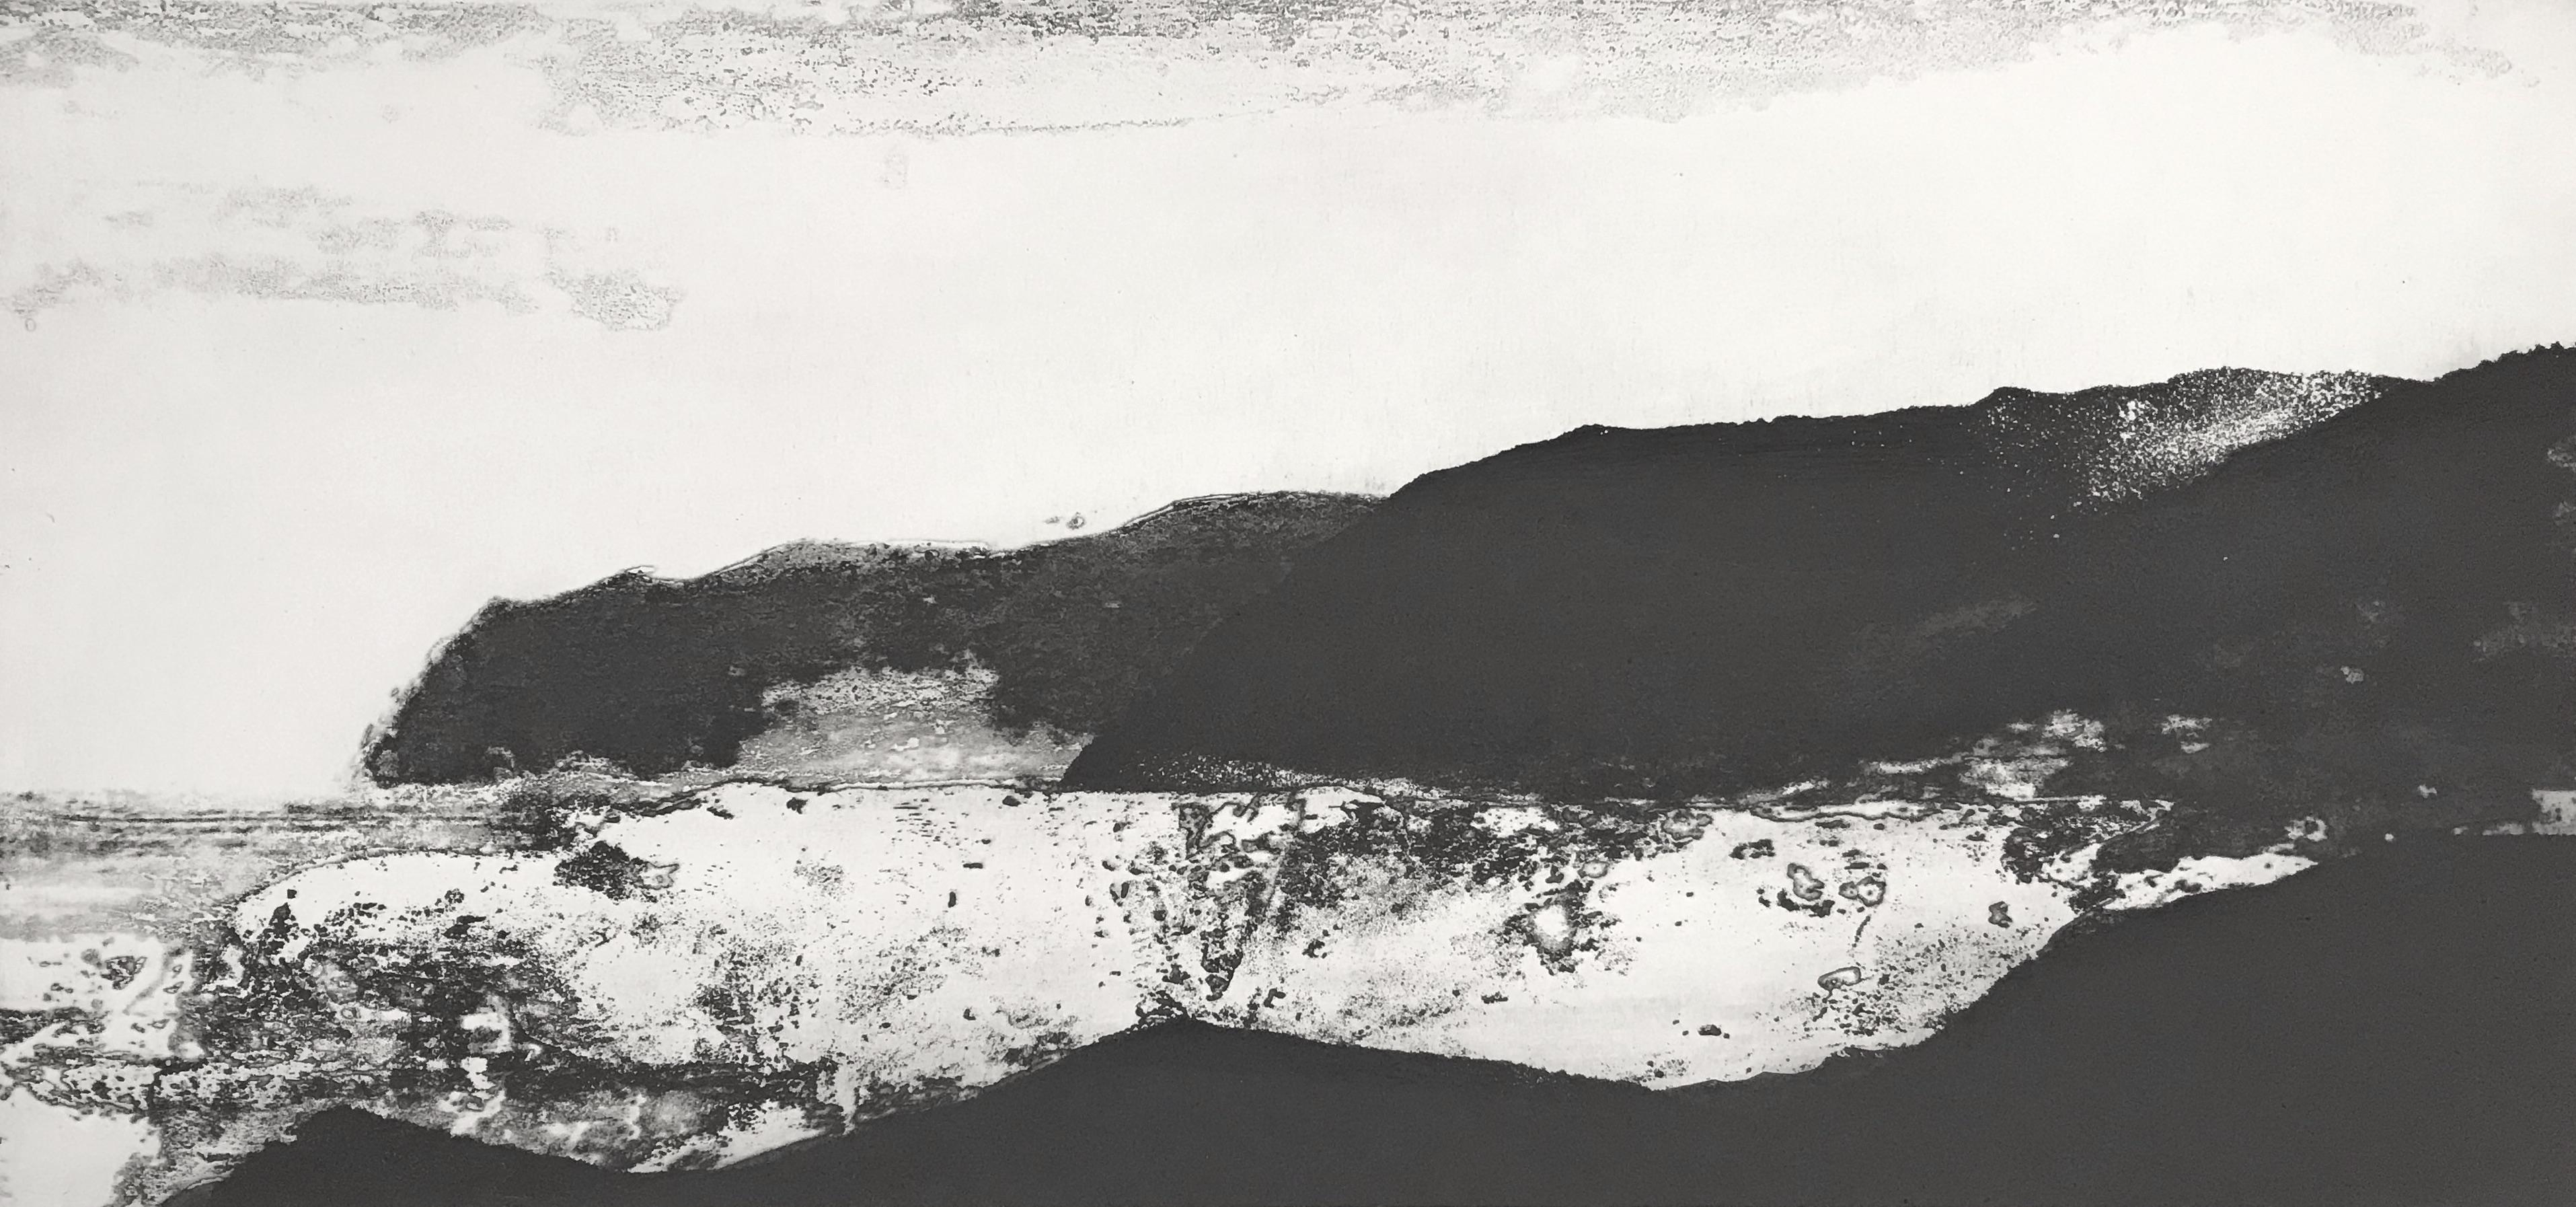 Glenrock Beach III